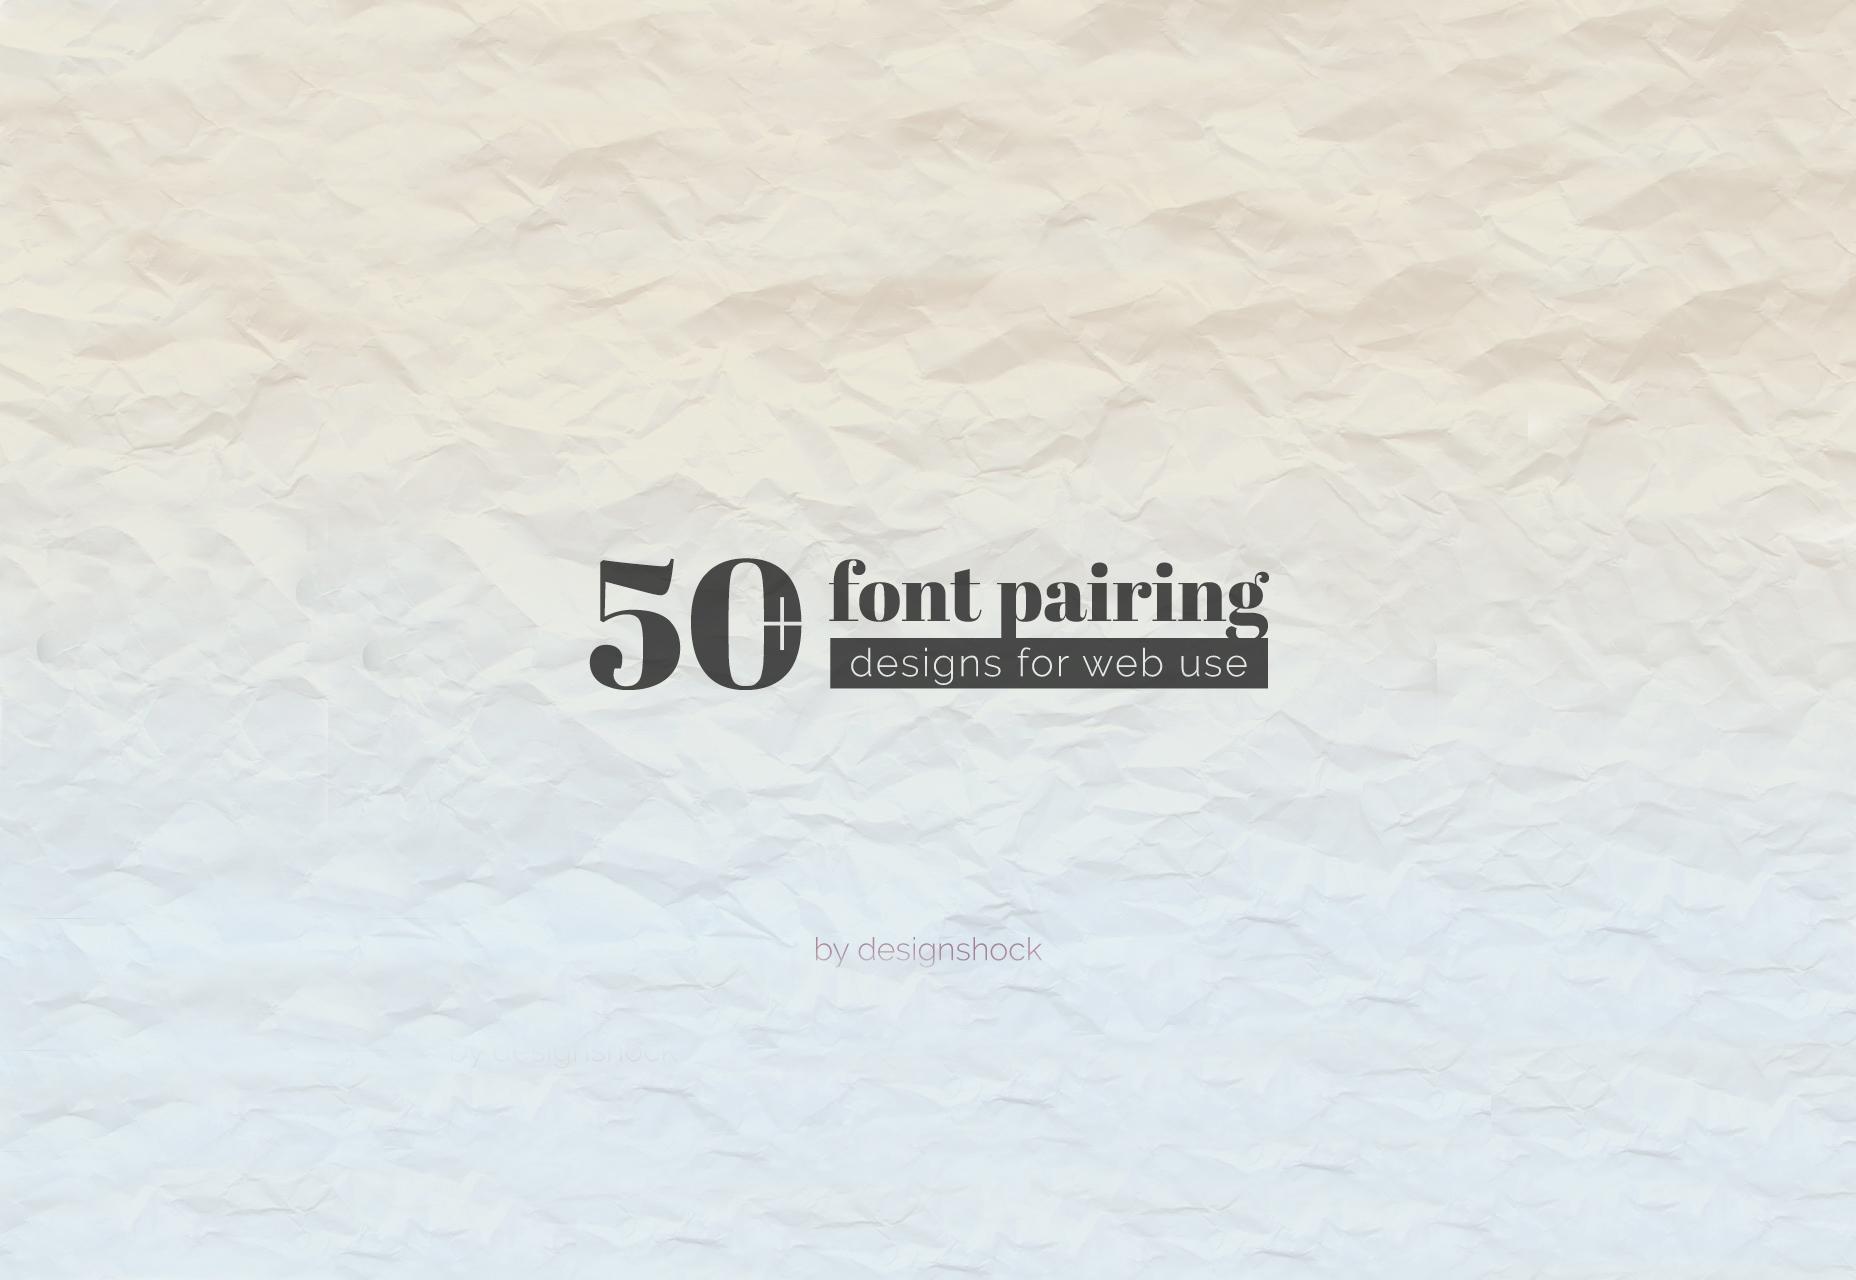 Fantastinen kokoelma 50 fonttiparinaa